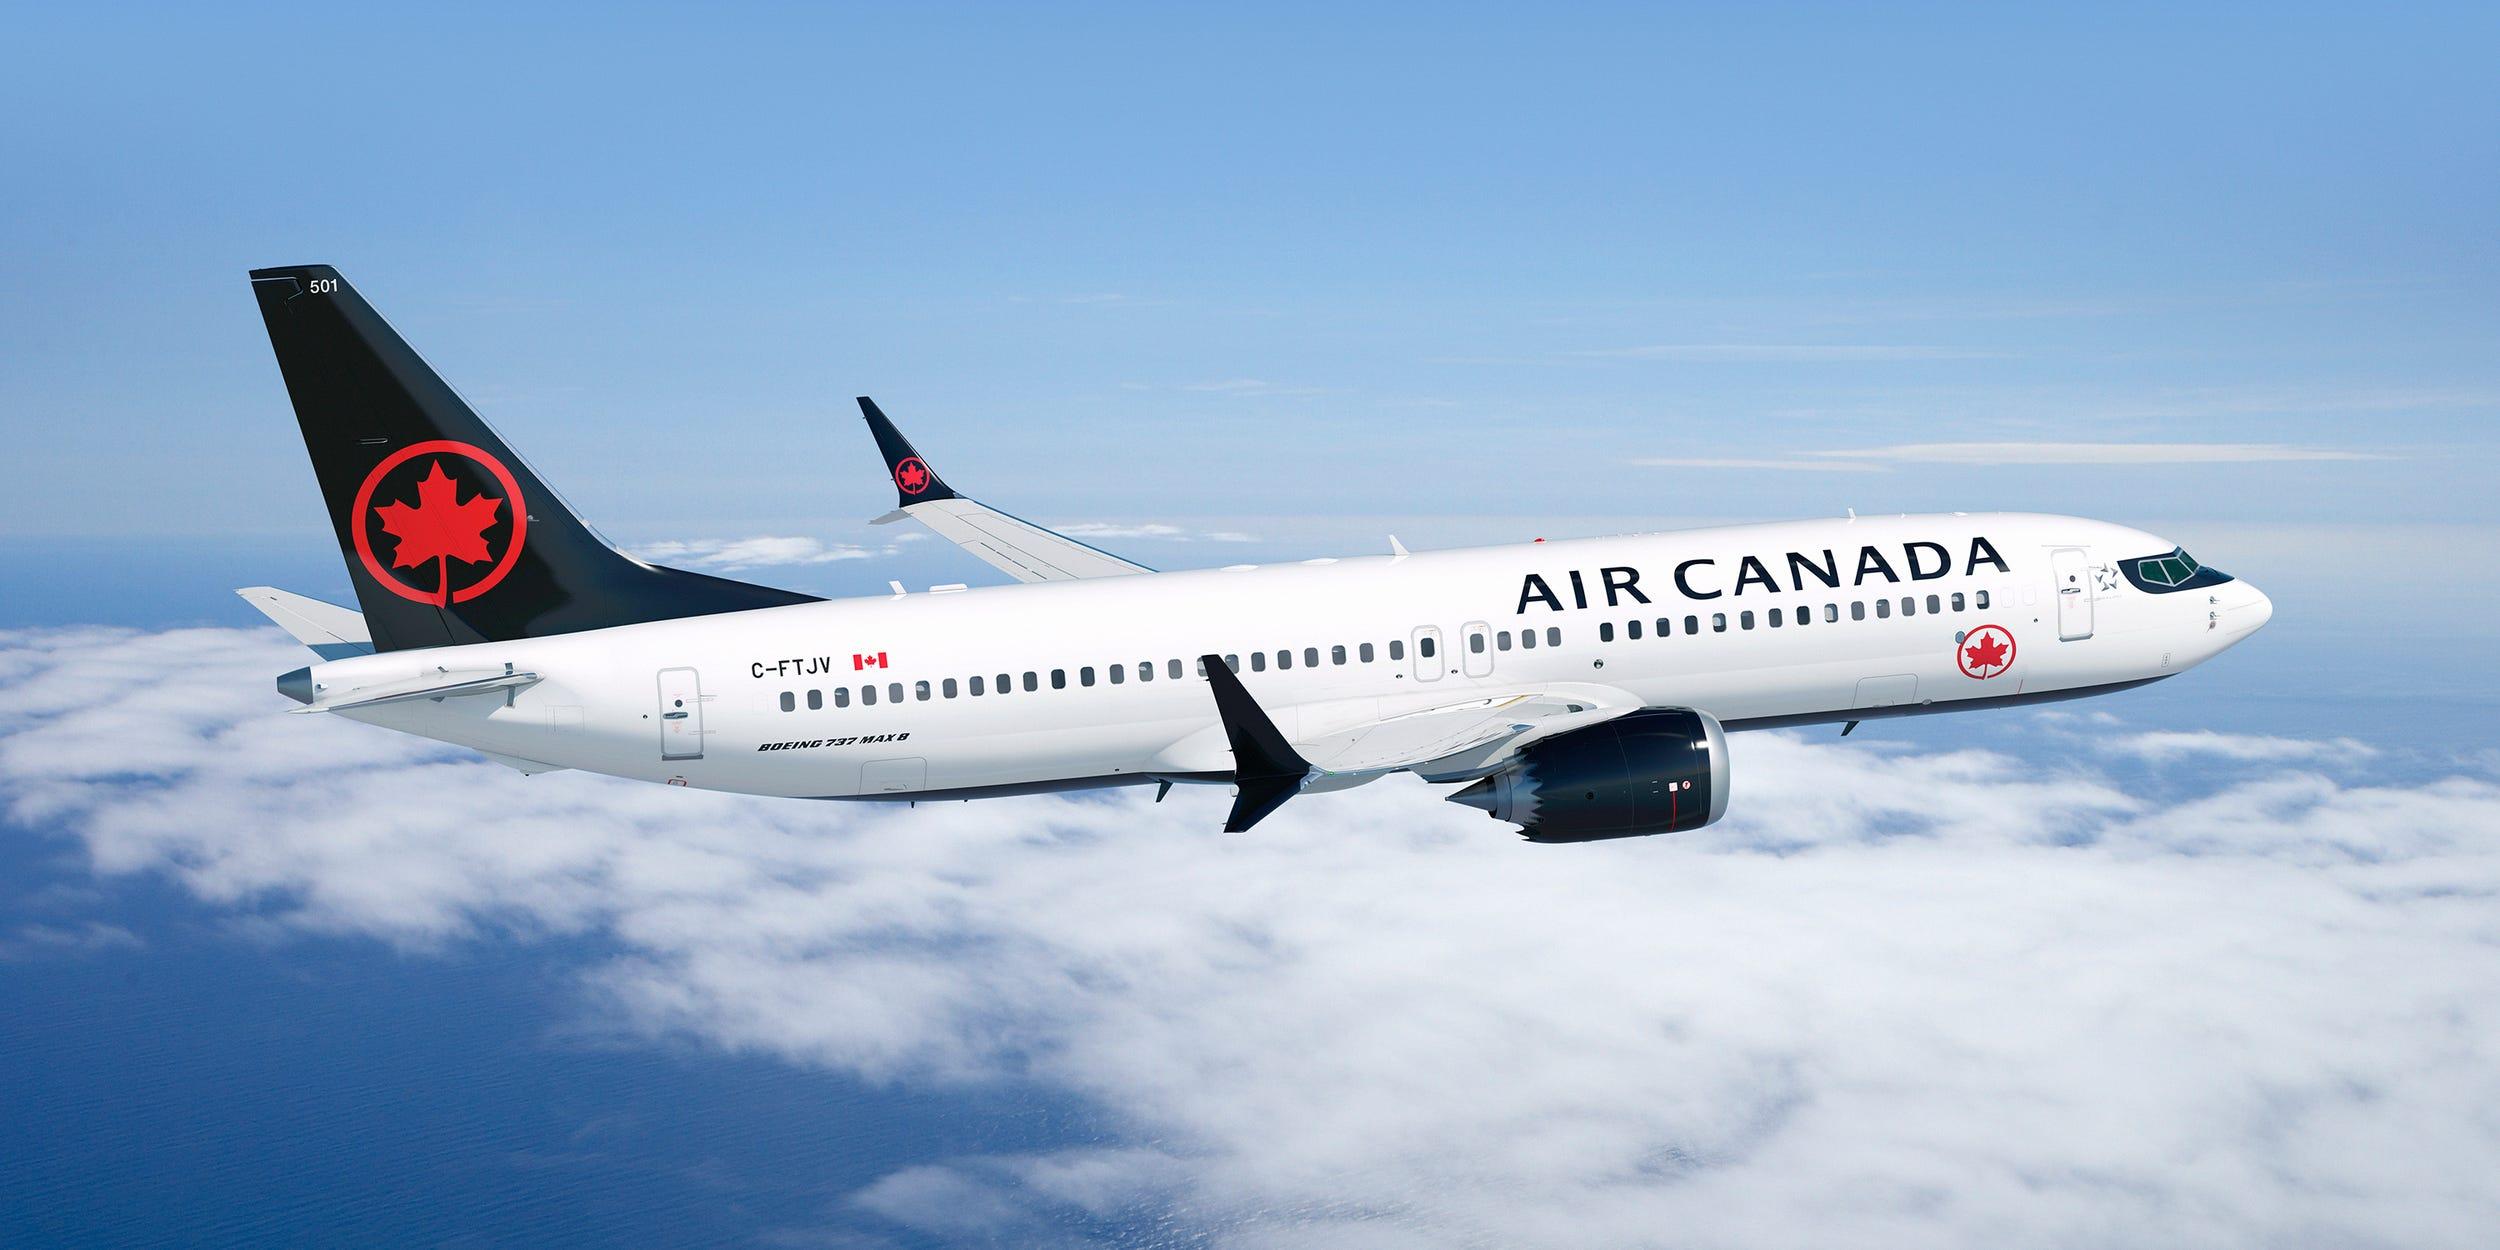 Air Canada gender neutral